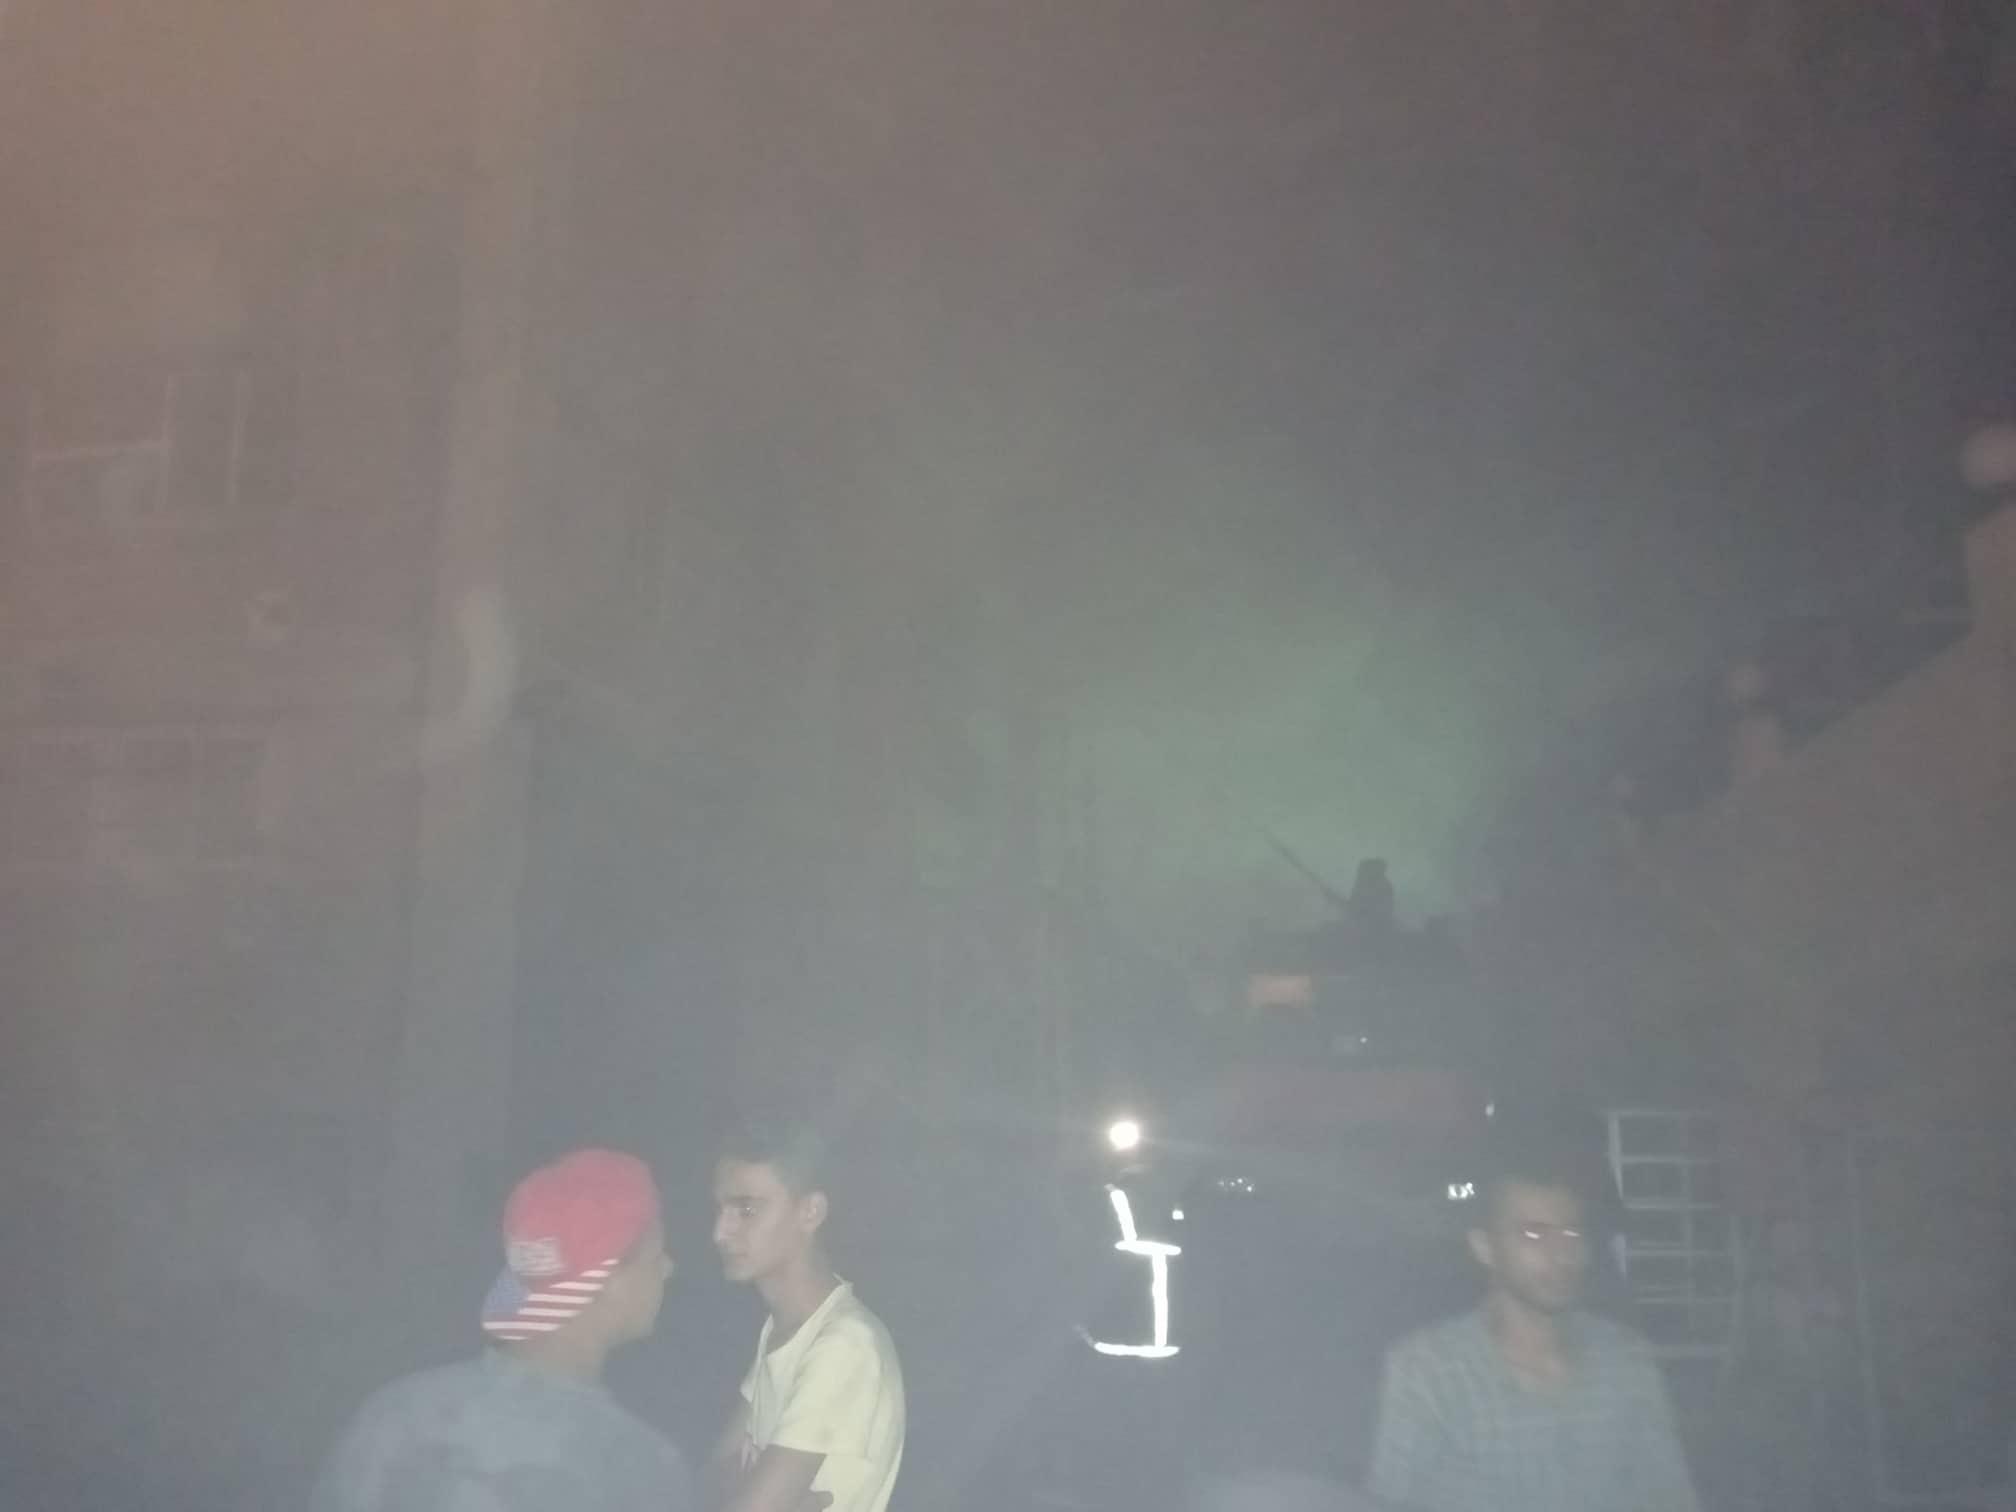 12 سيارة إطفاء للسيطرة على حريق بمصنع أدوات كهربائية بالعاشر من رمضان (5)